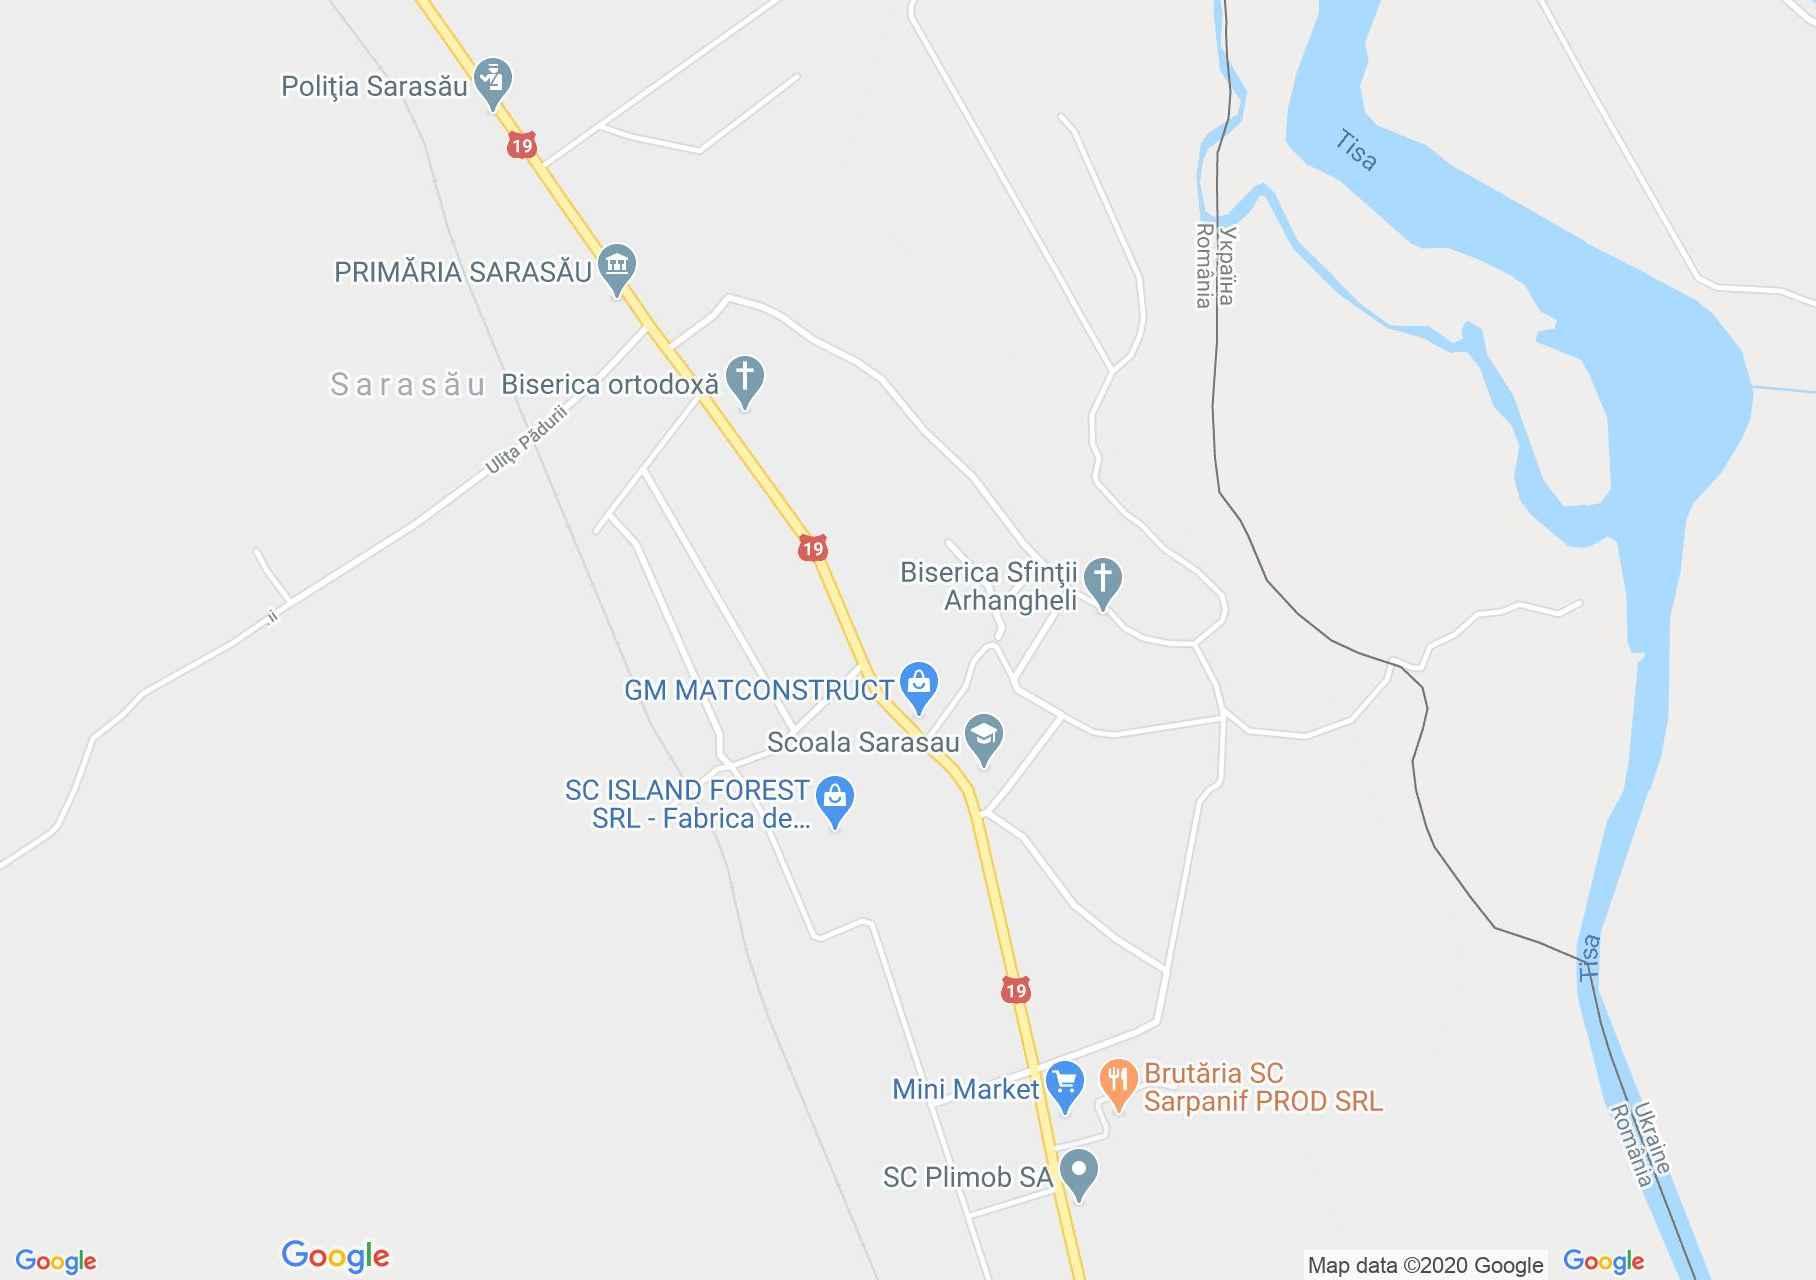 Sarasău, Harta turistică interactivă